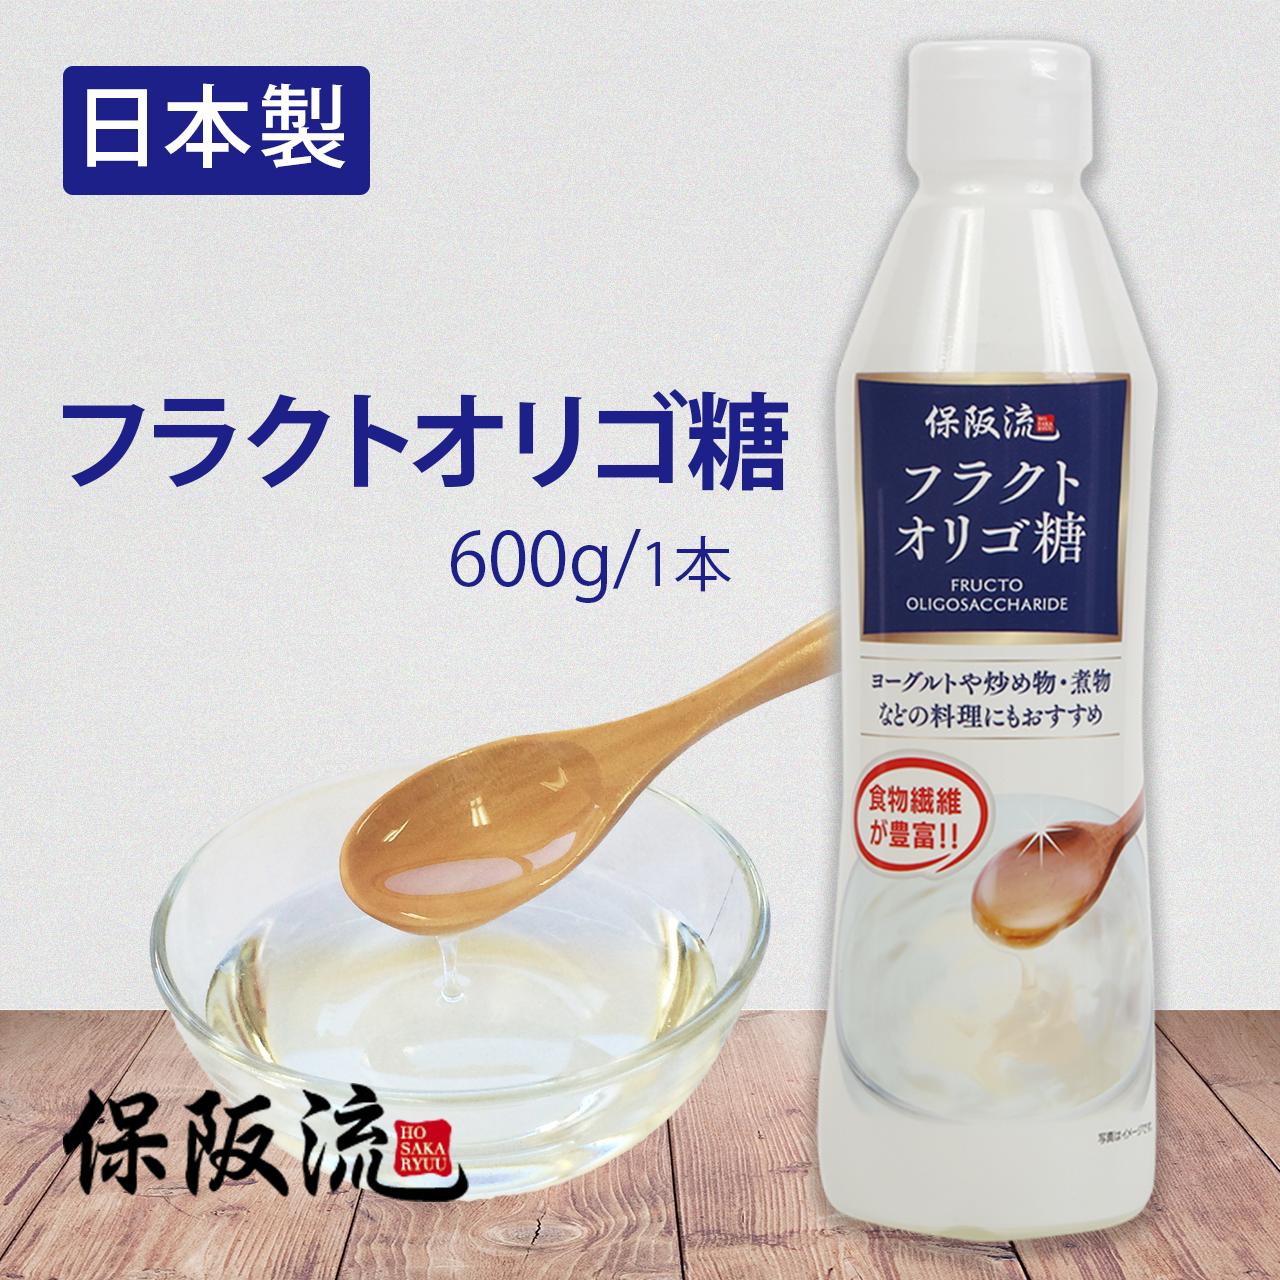 保阪流 フラクトオリゴ糖3本セット